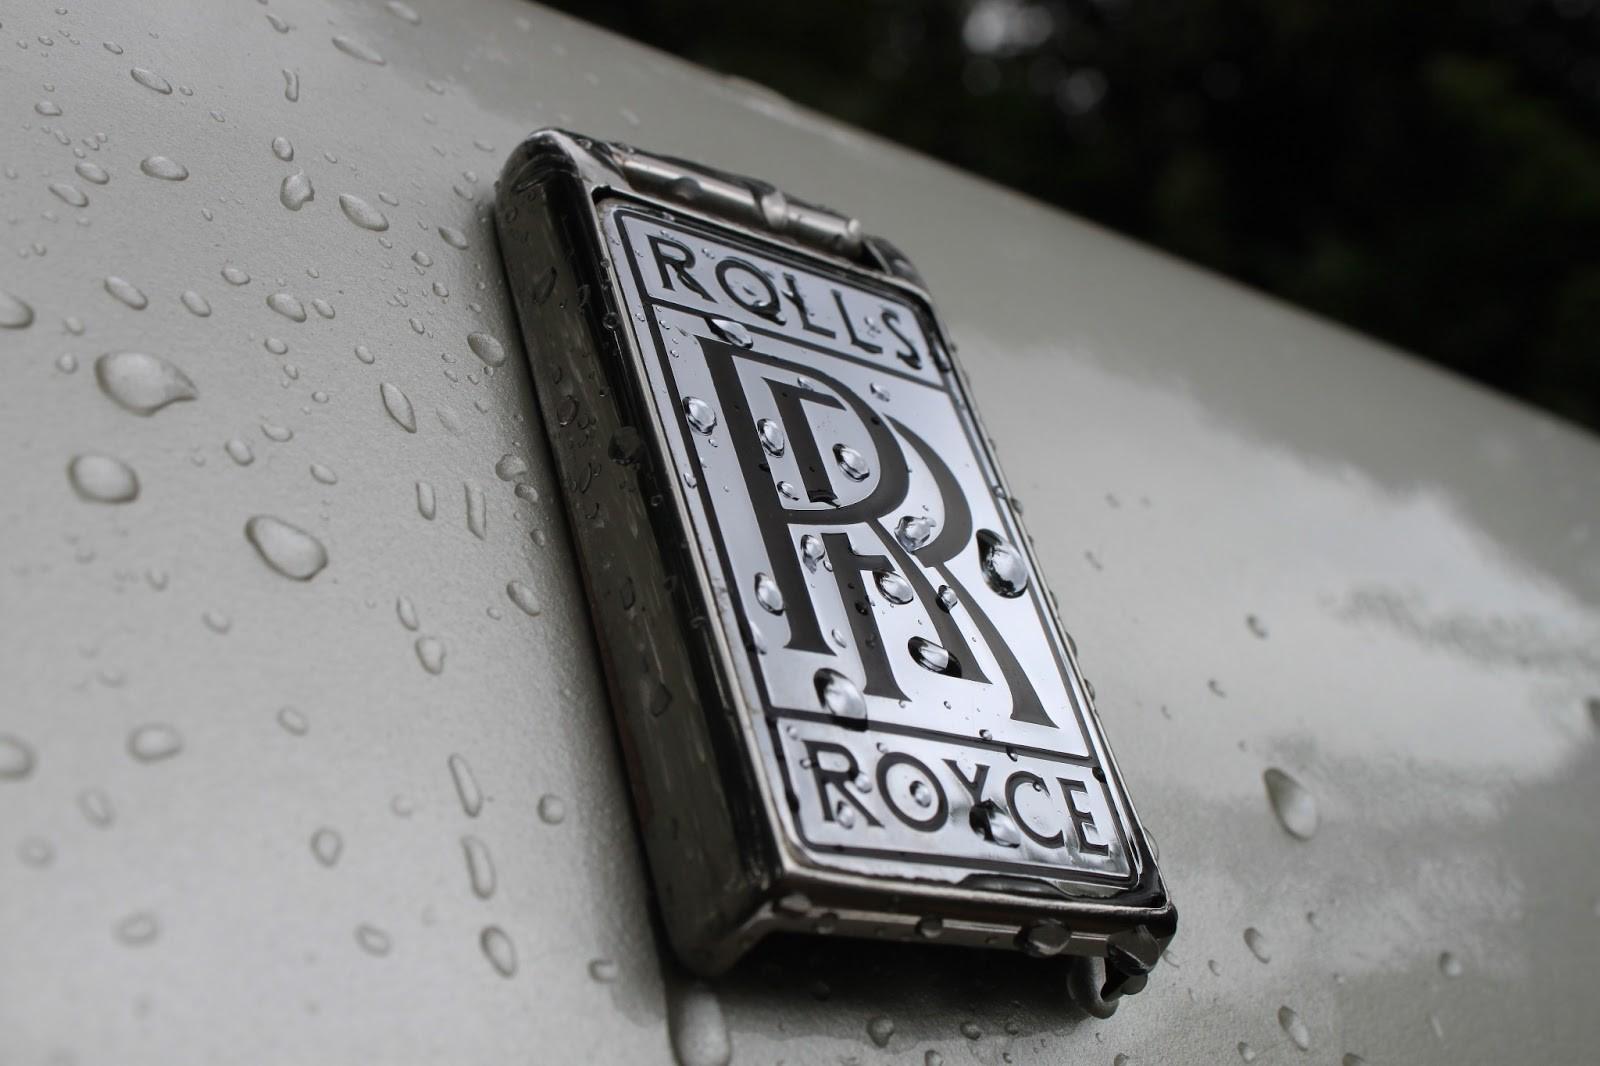 Роллс Ройс выпустит рок-н-ролльные спецверсии модели Wraith